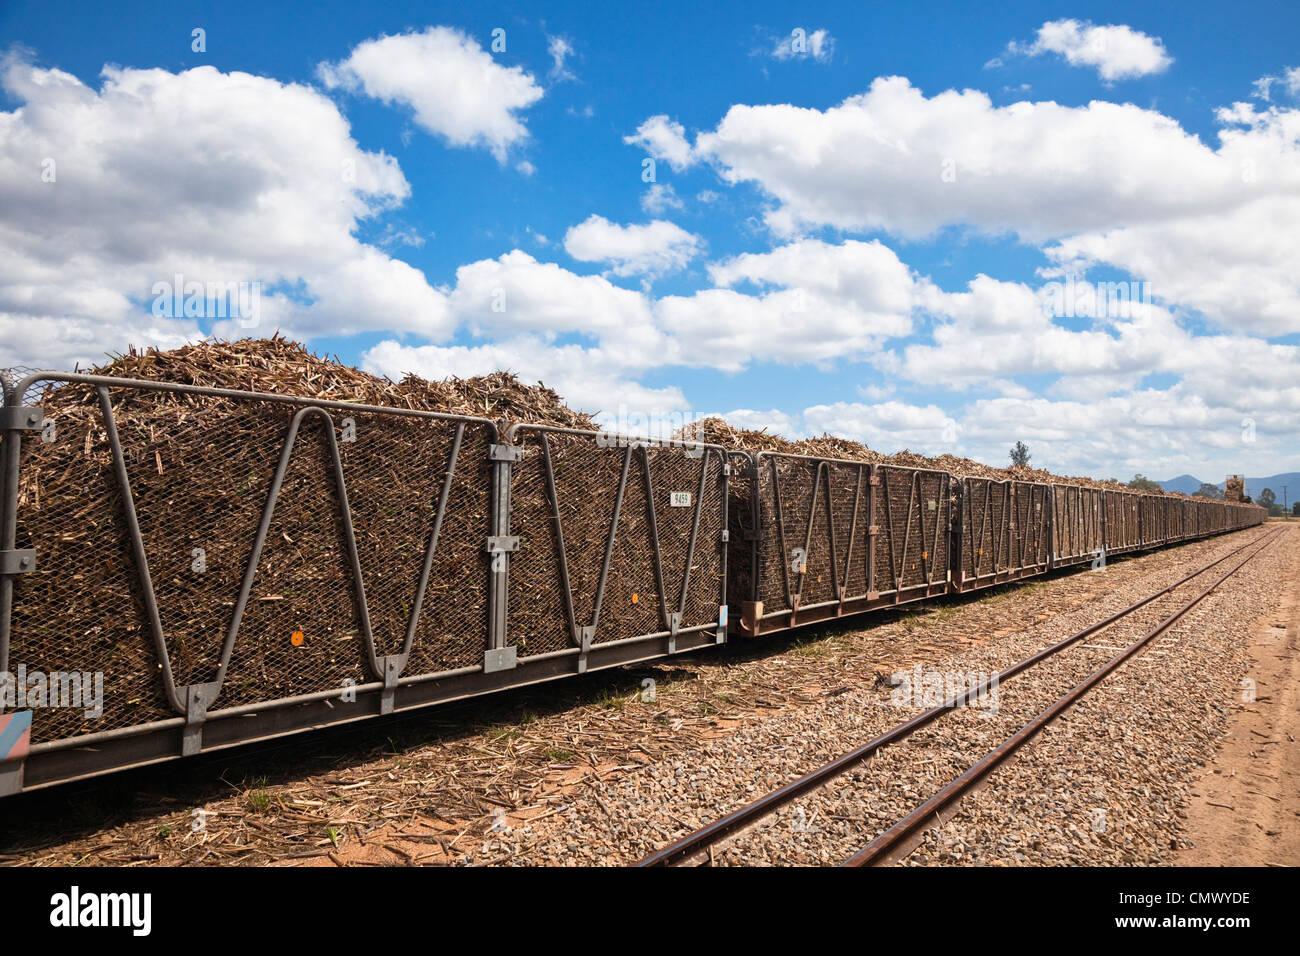 La canne à sucre récoltée dans les corbeilles chargées prêts à être transportés Photo Stock